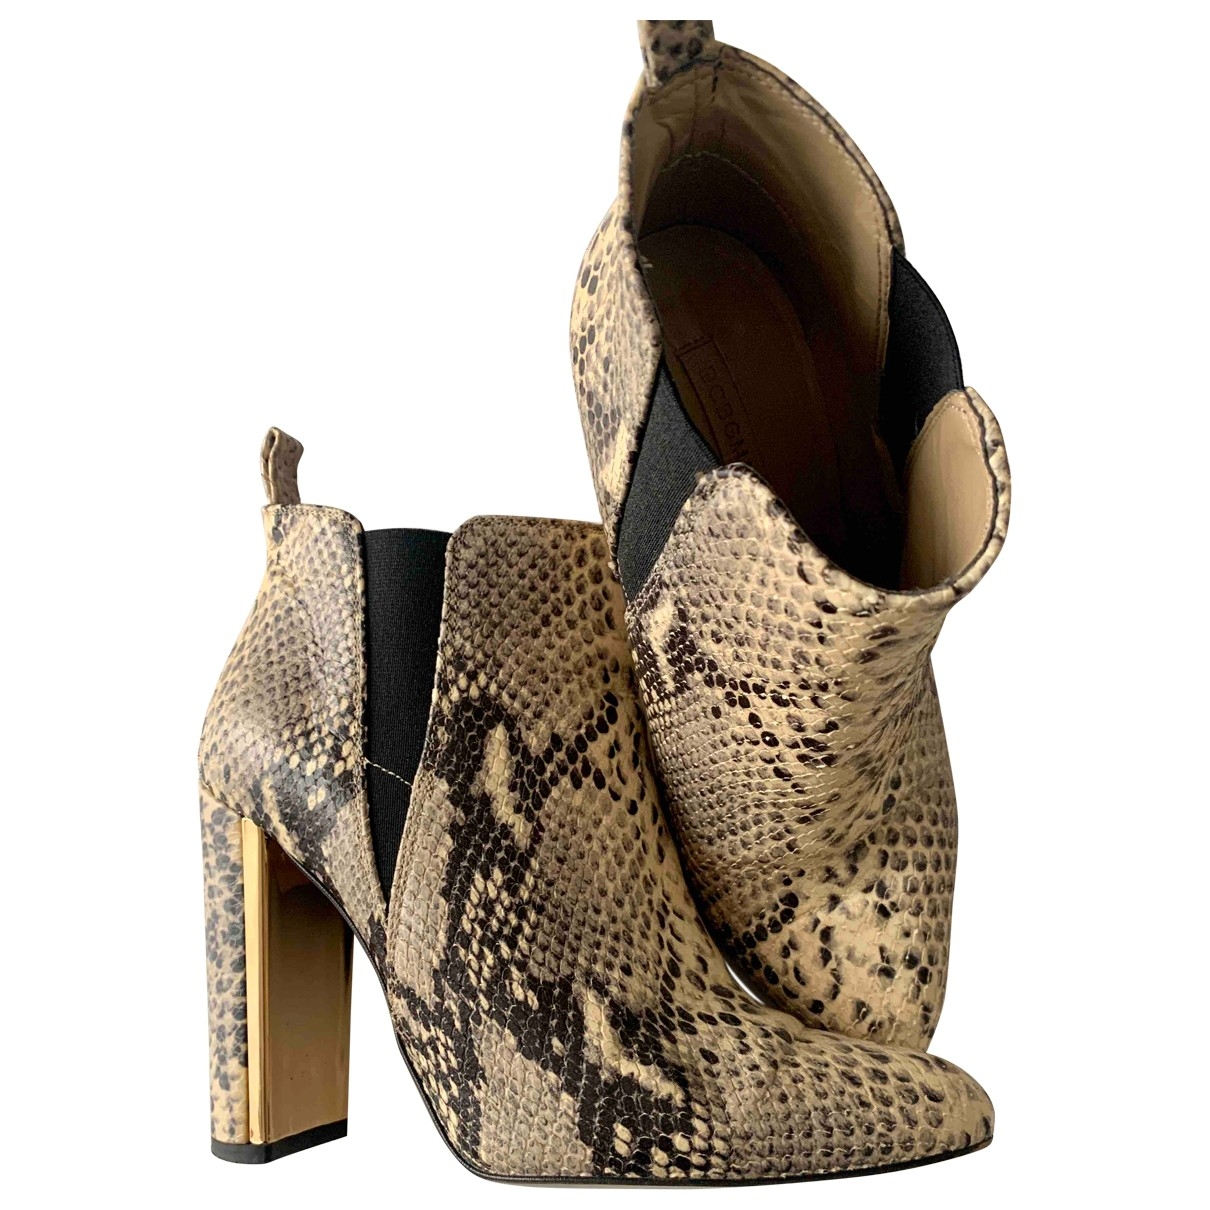 Bcbg Max Azria - Bottes   pour femme en cuir - beige